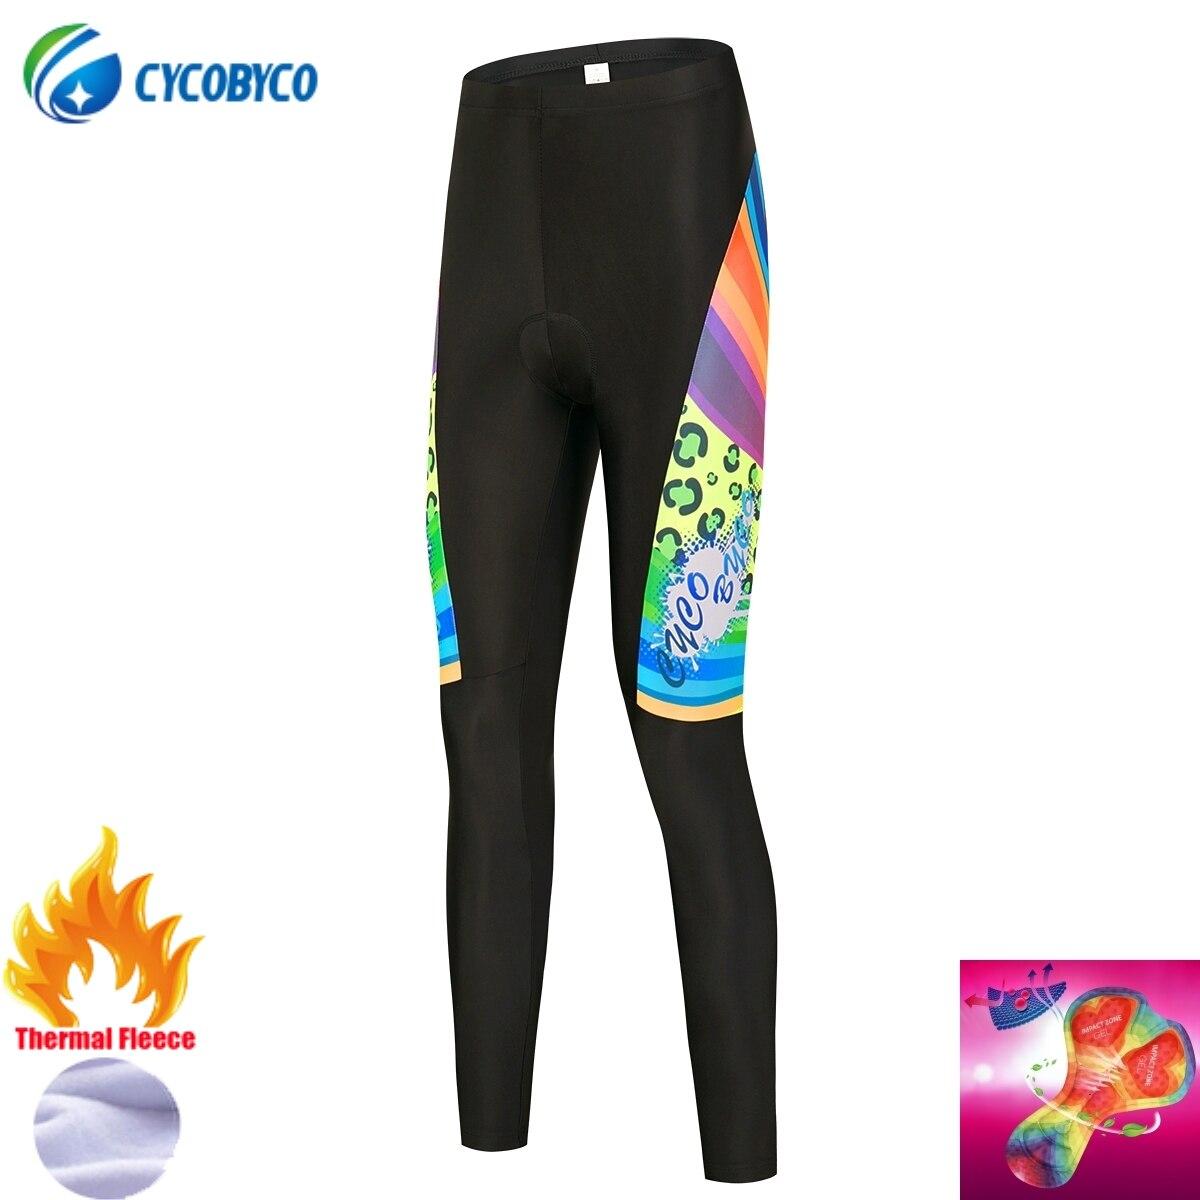 Cycobyco-Pantalones largos con almohadilla de Gel para mujer, medias acolchadas para Ciclismo...